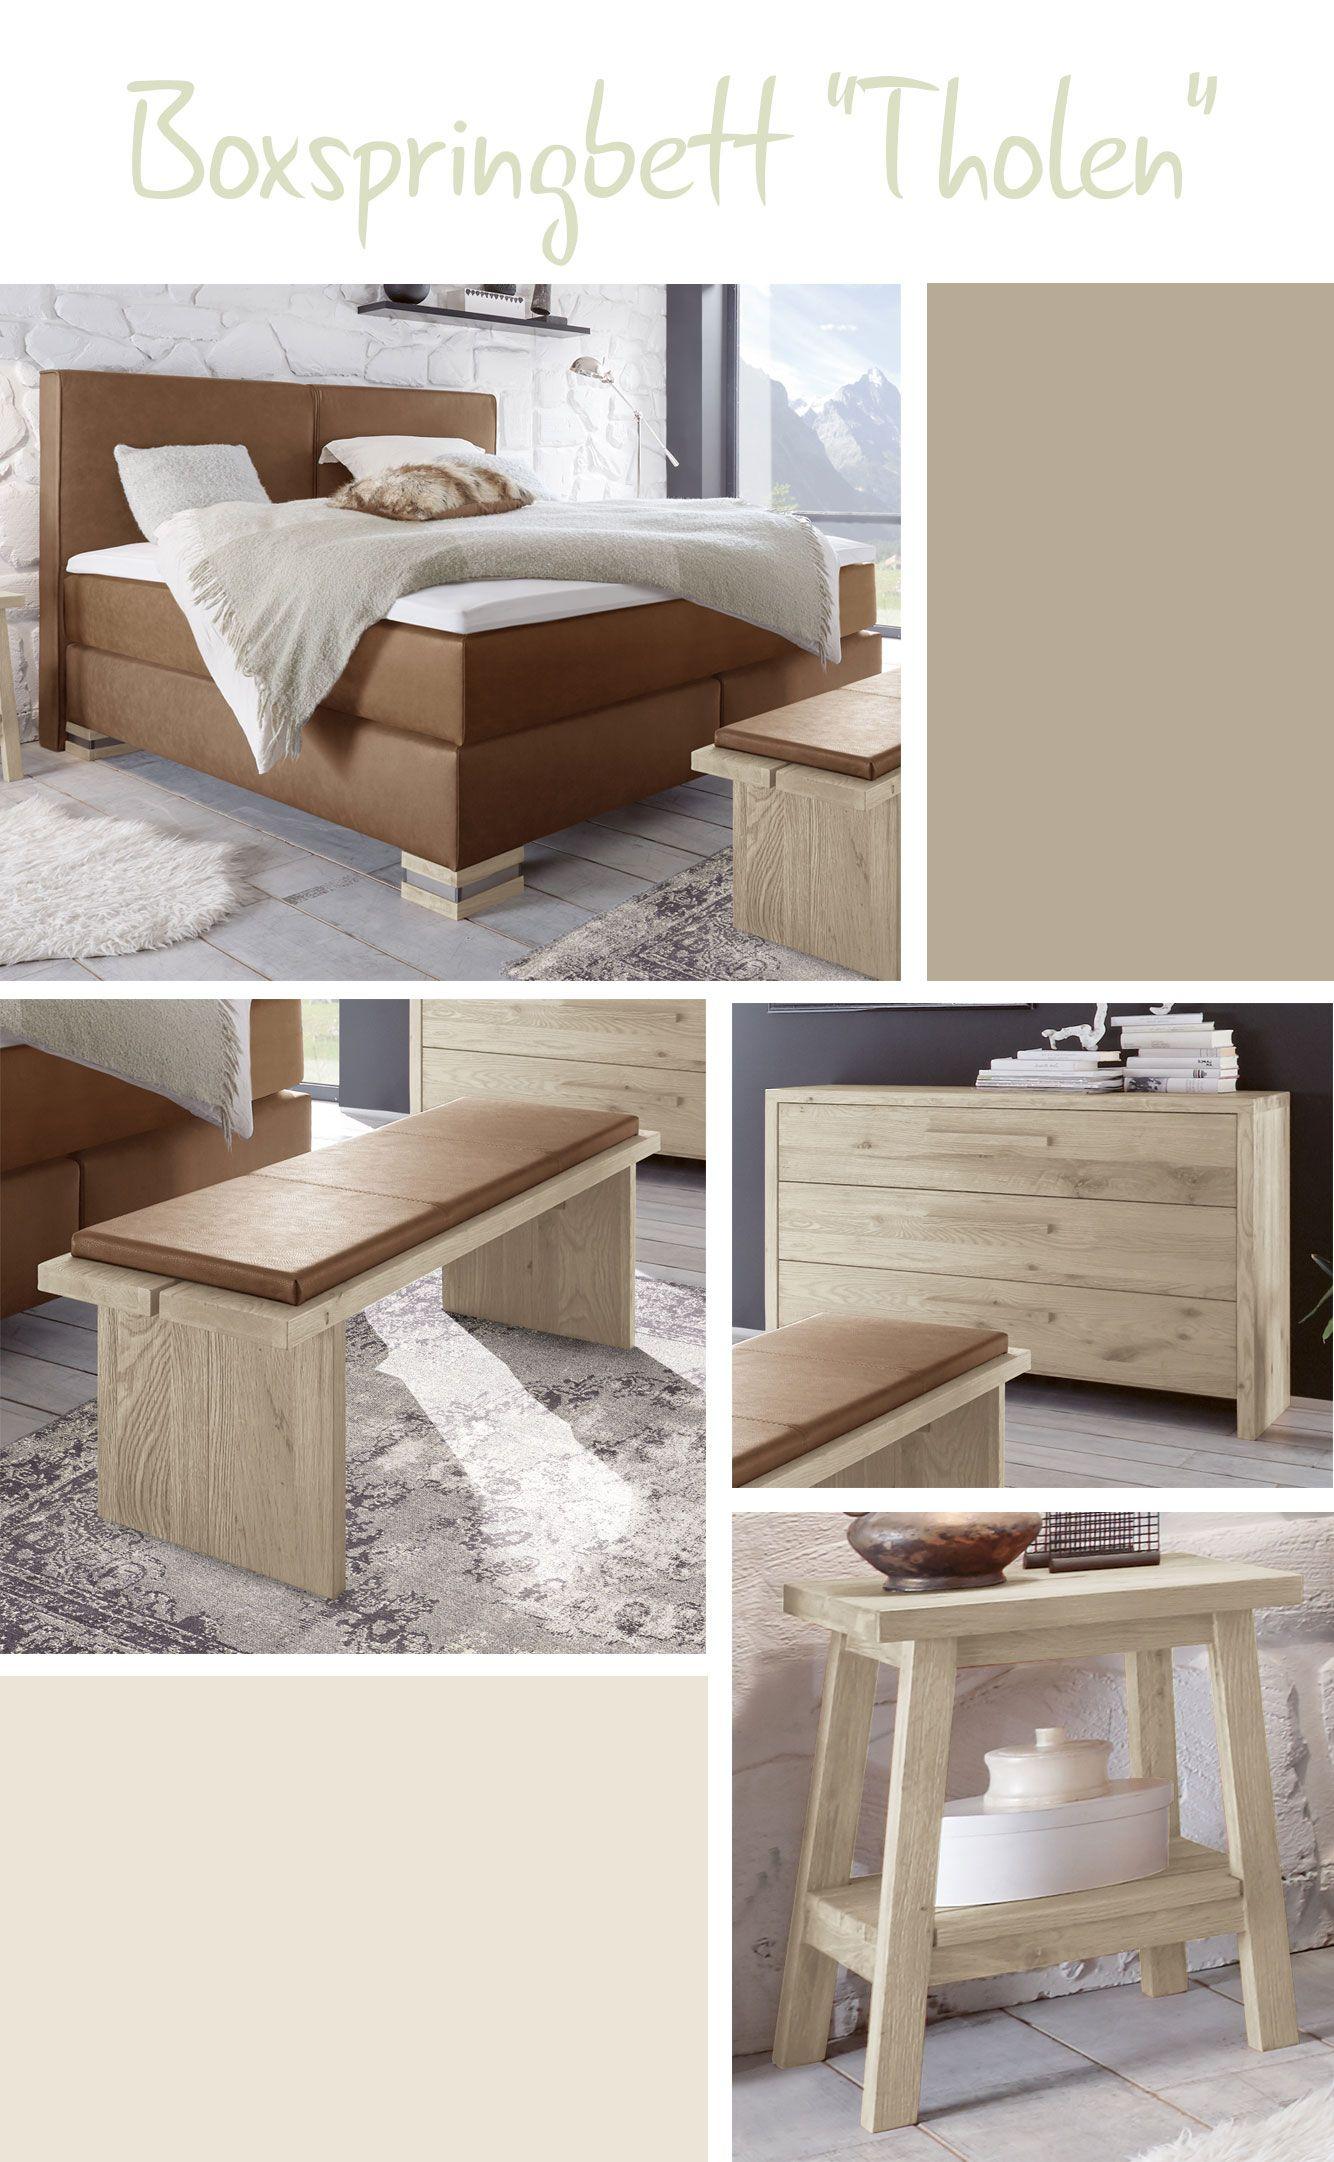 rustikales boxspringbett mit derben stahlmanschetten an den ... - Hochwertiges Bett Fur Schlafzimmer Qualitatsgarantie